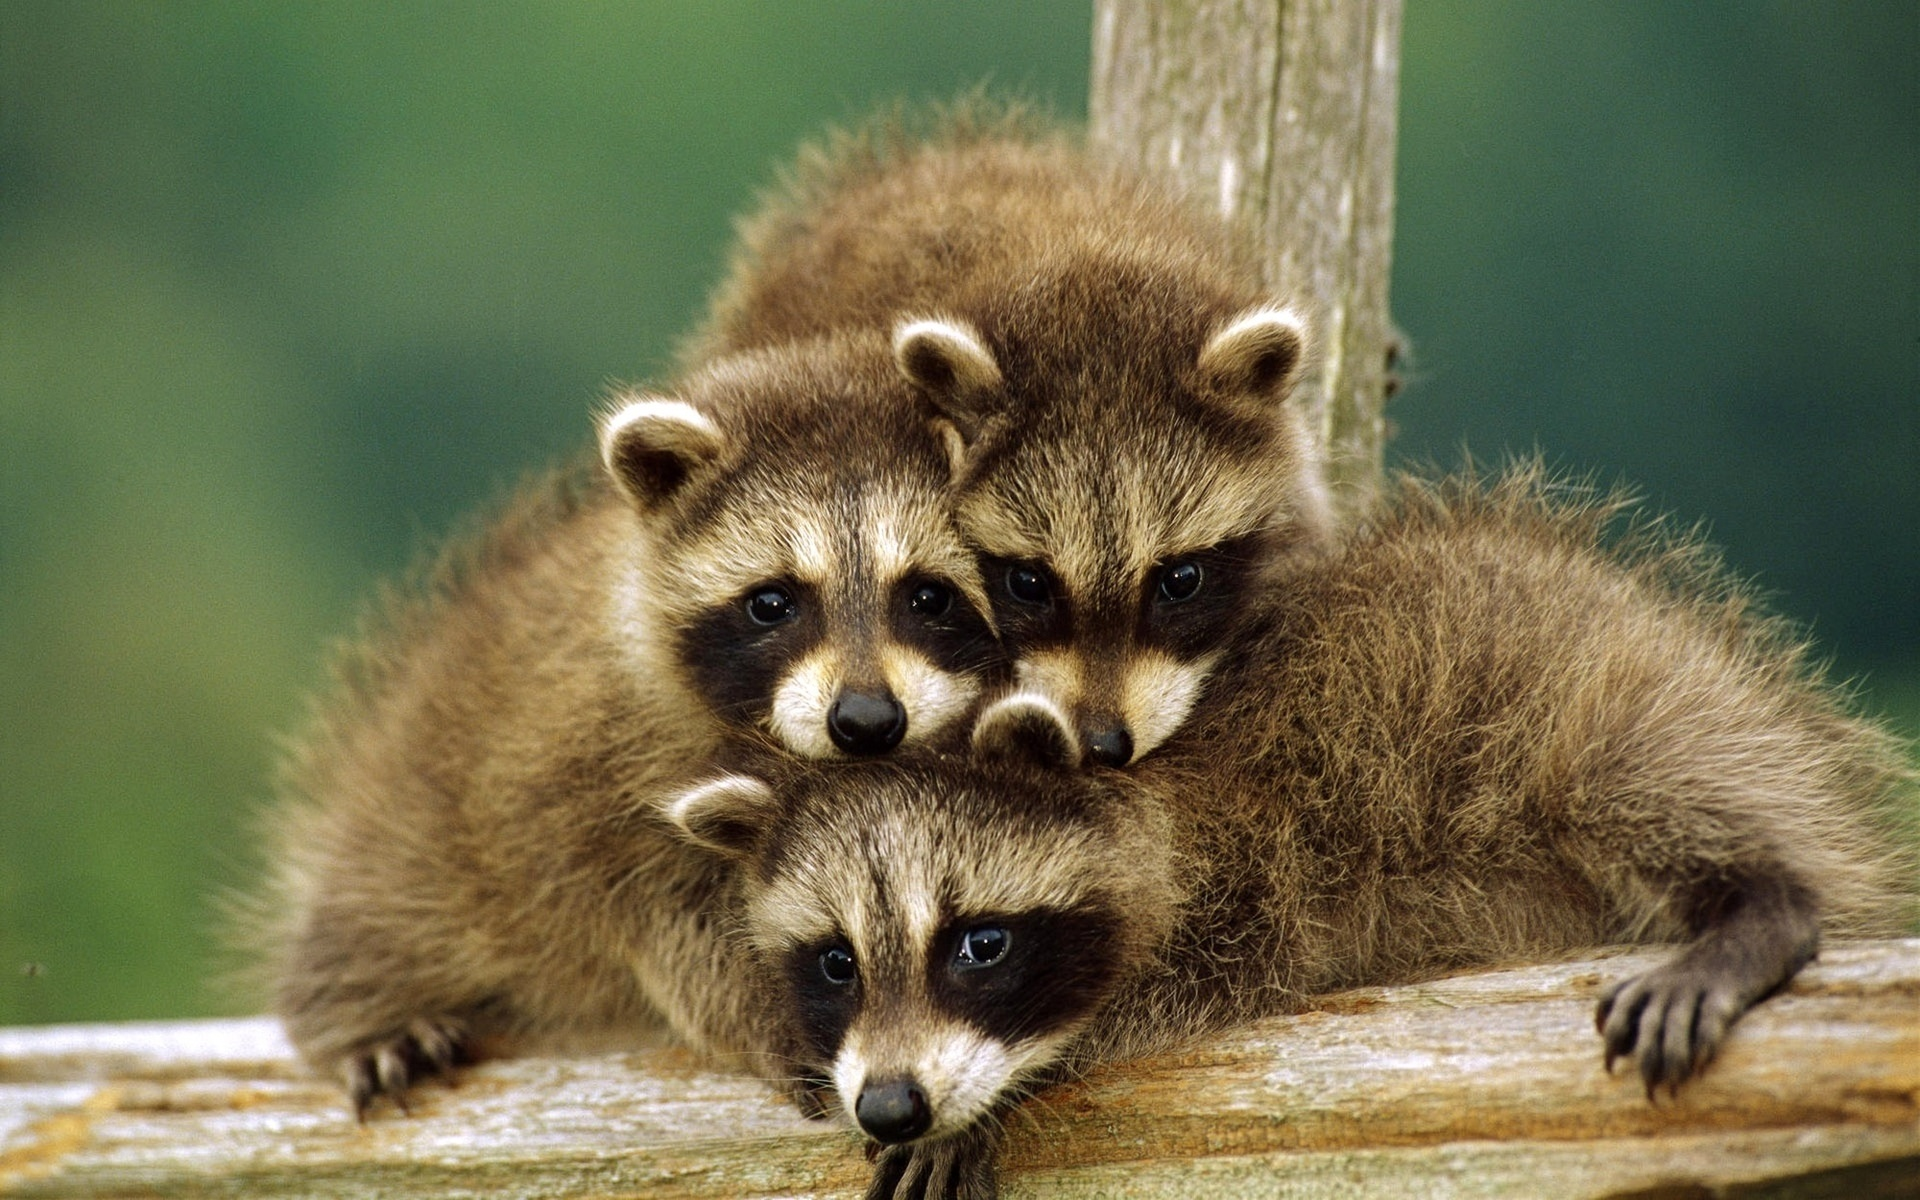 Картинки животных смешные смотреть в хорошем качестве, добрым